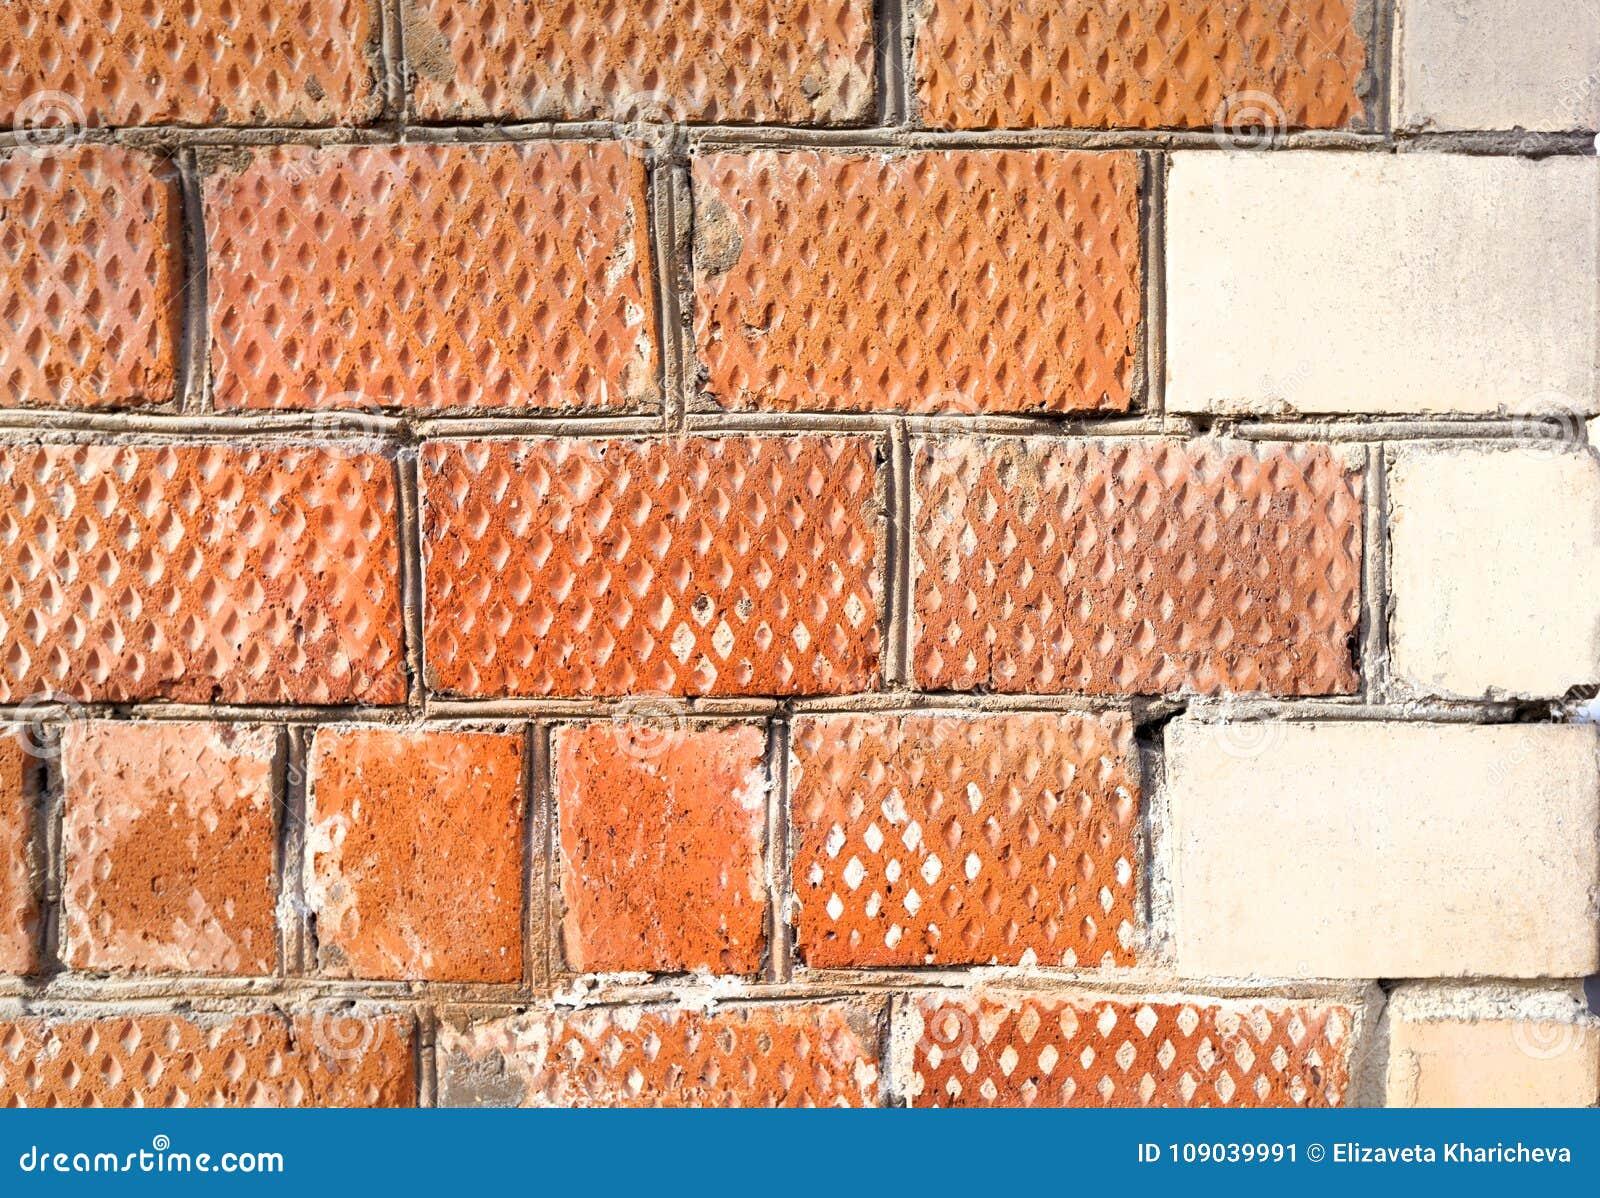 De hoek van het huis wordt gemaakt van bakstenen met een decoratief hoekelement